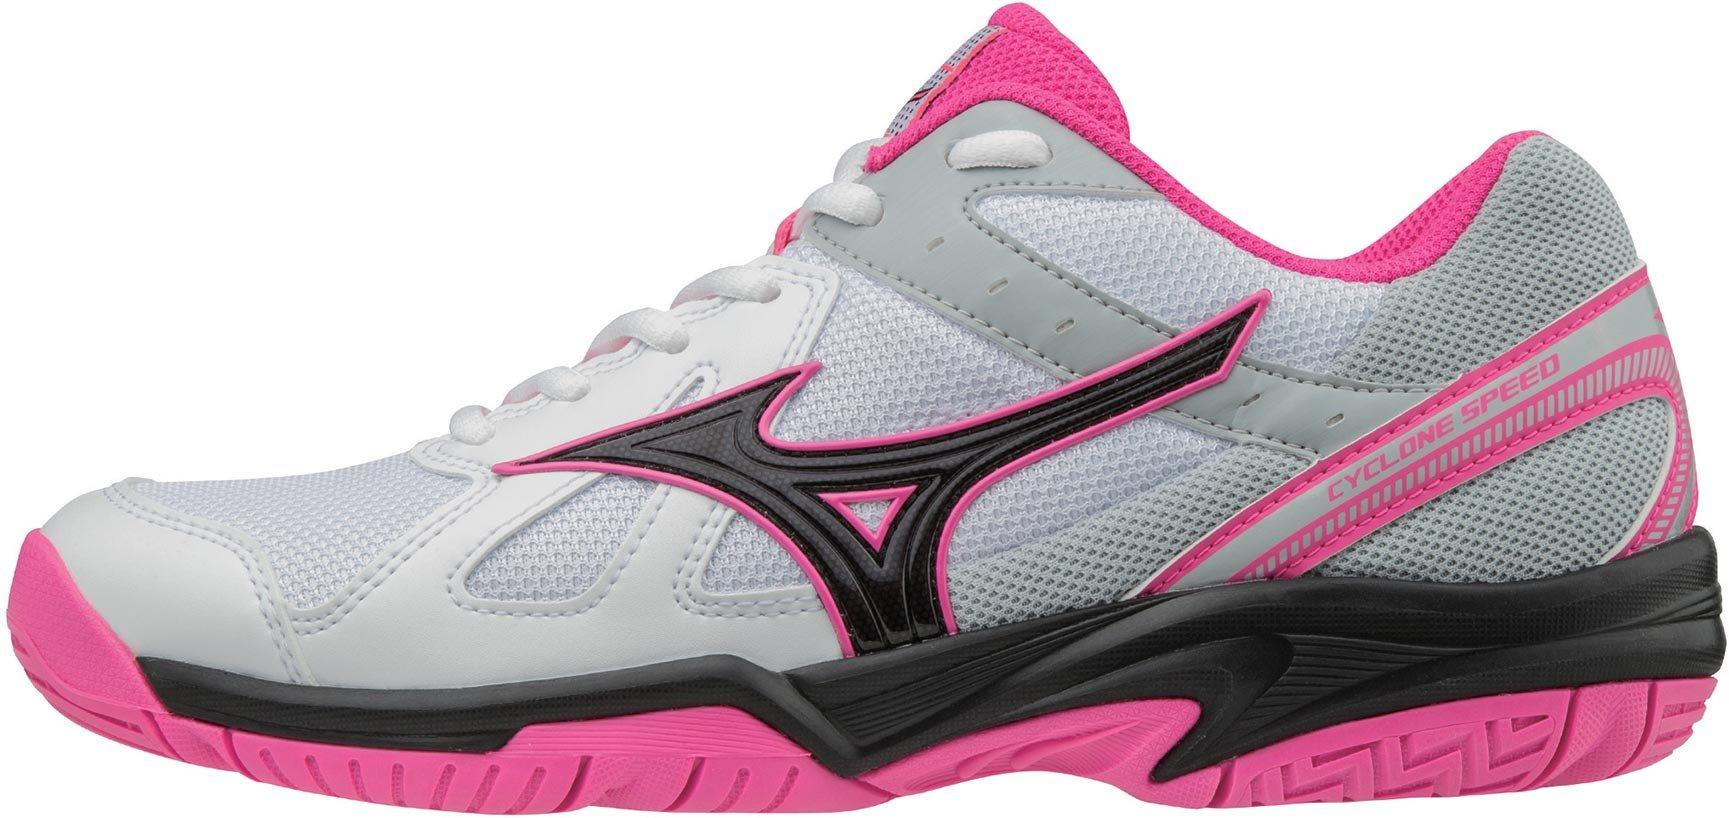 Volejbalova obuv 38 mizuno  7d67943680